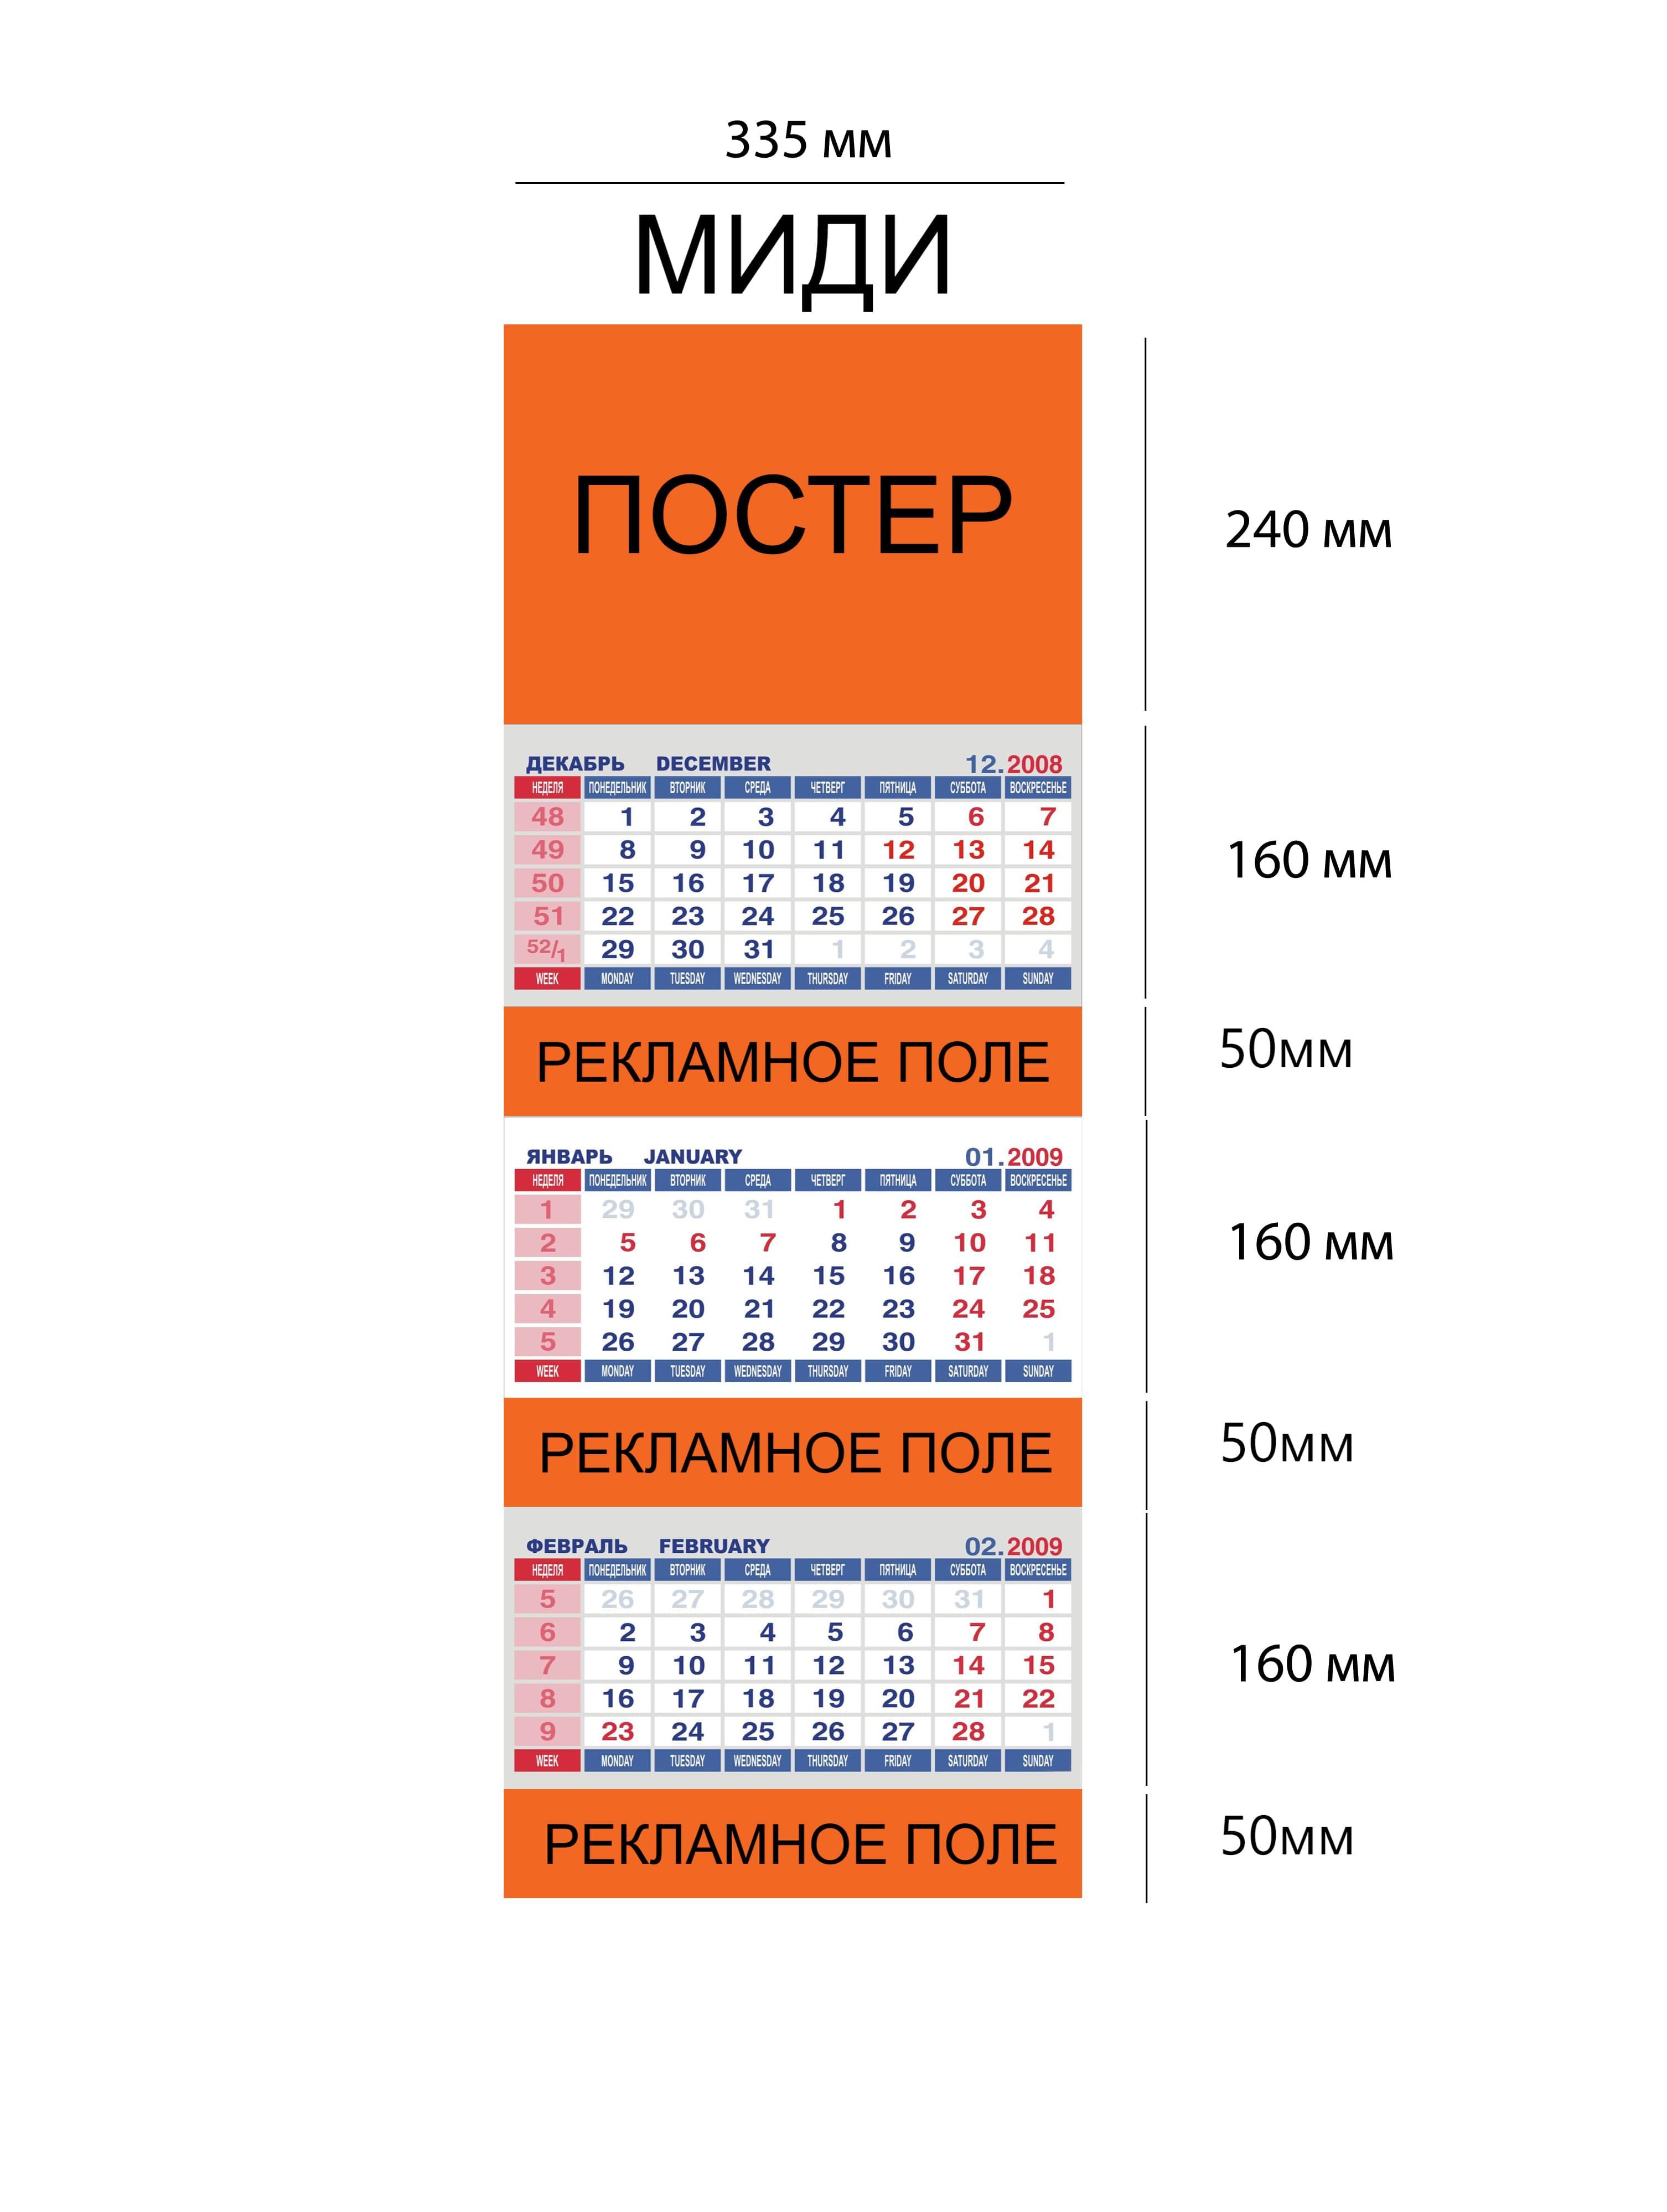 Квартальный календарь размера миди в типографии Формат